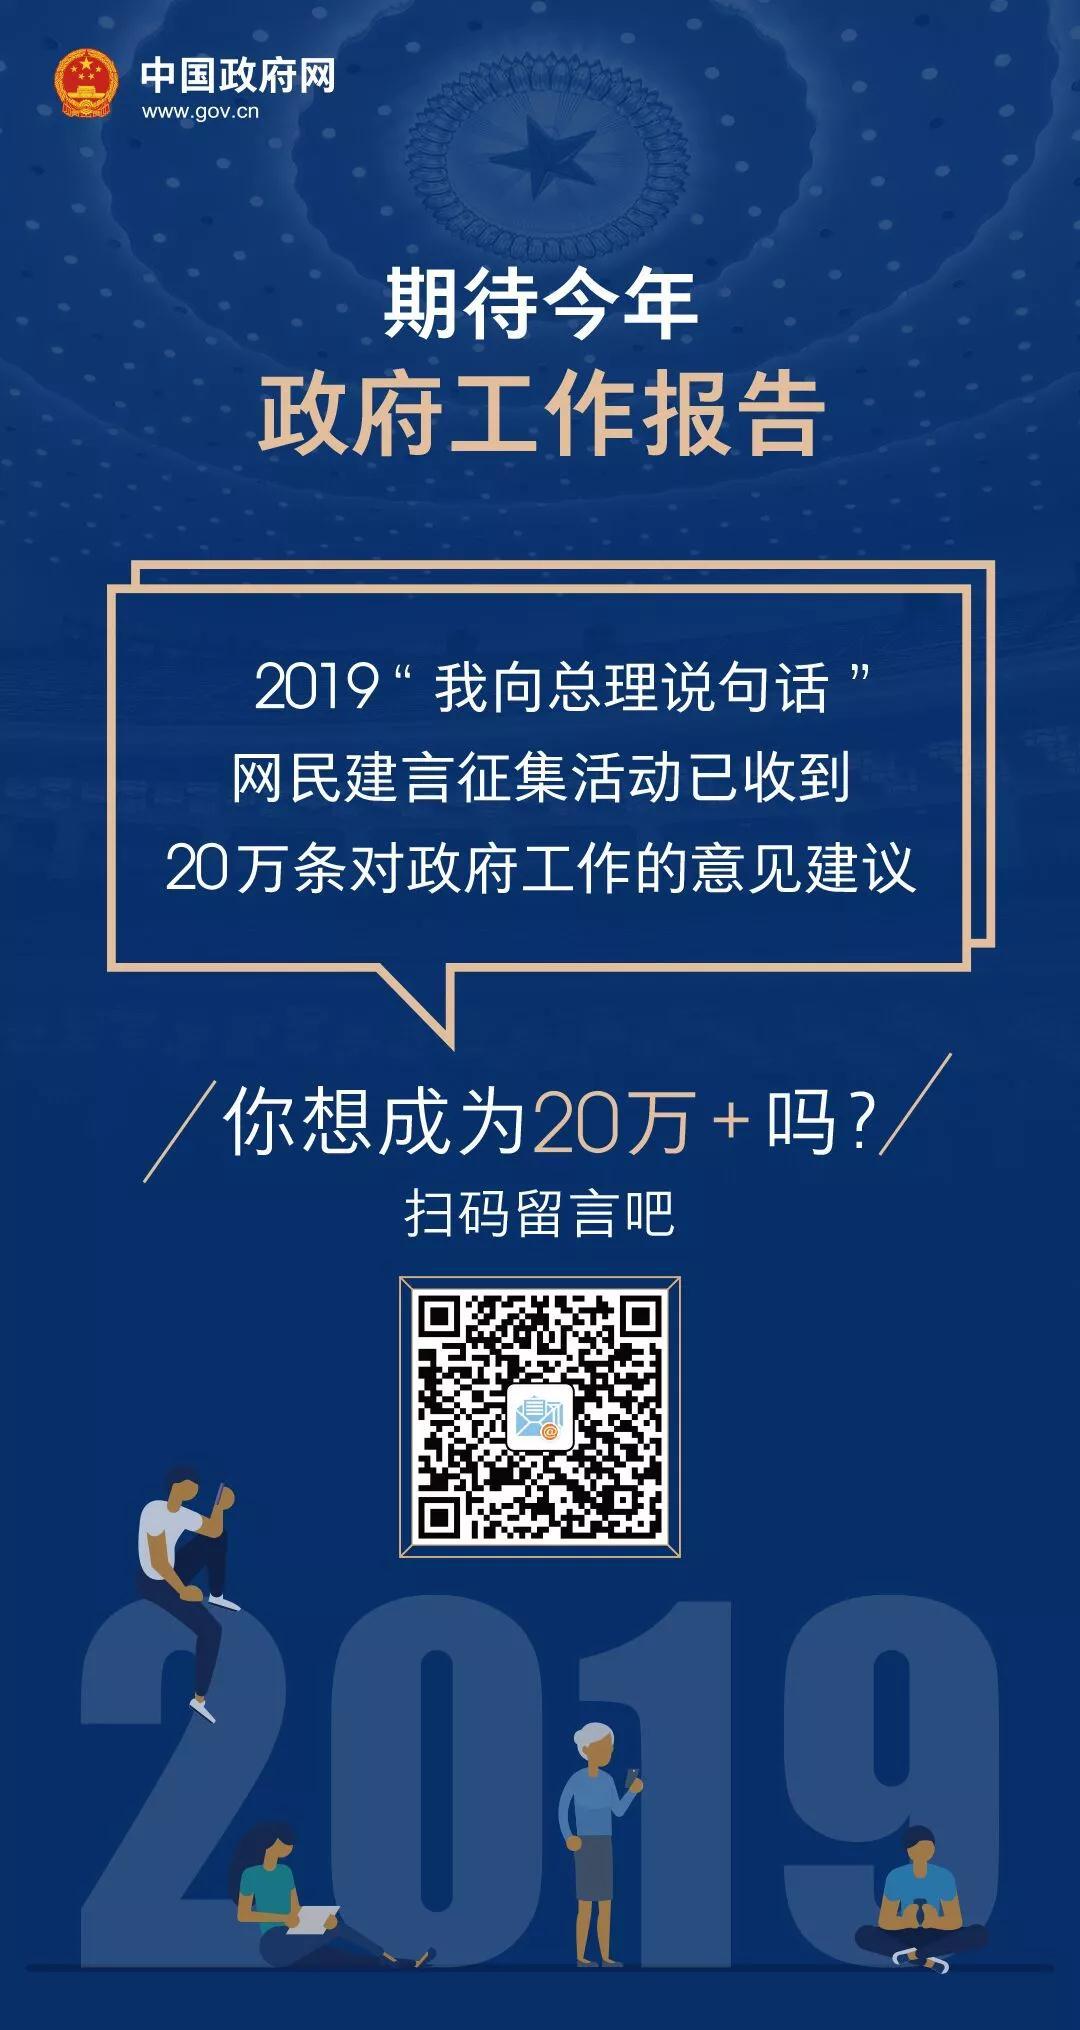 微信圖片_20190226102326.jpg